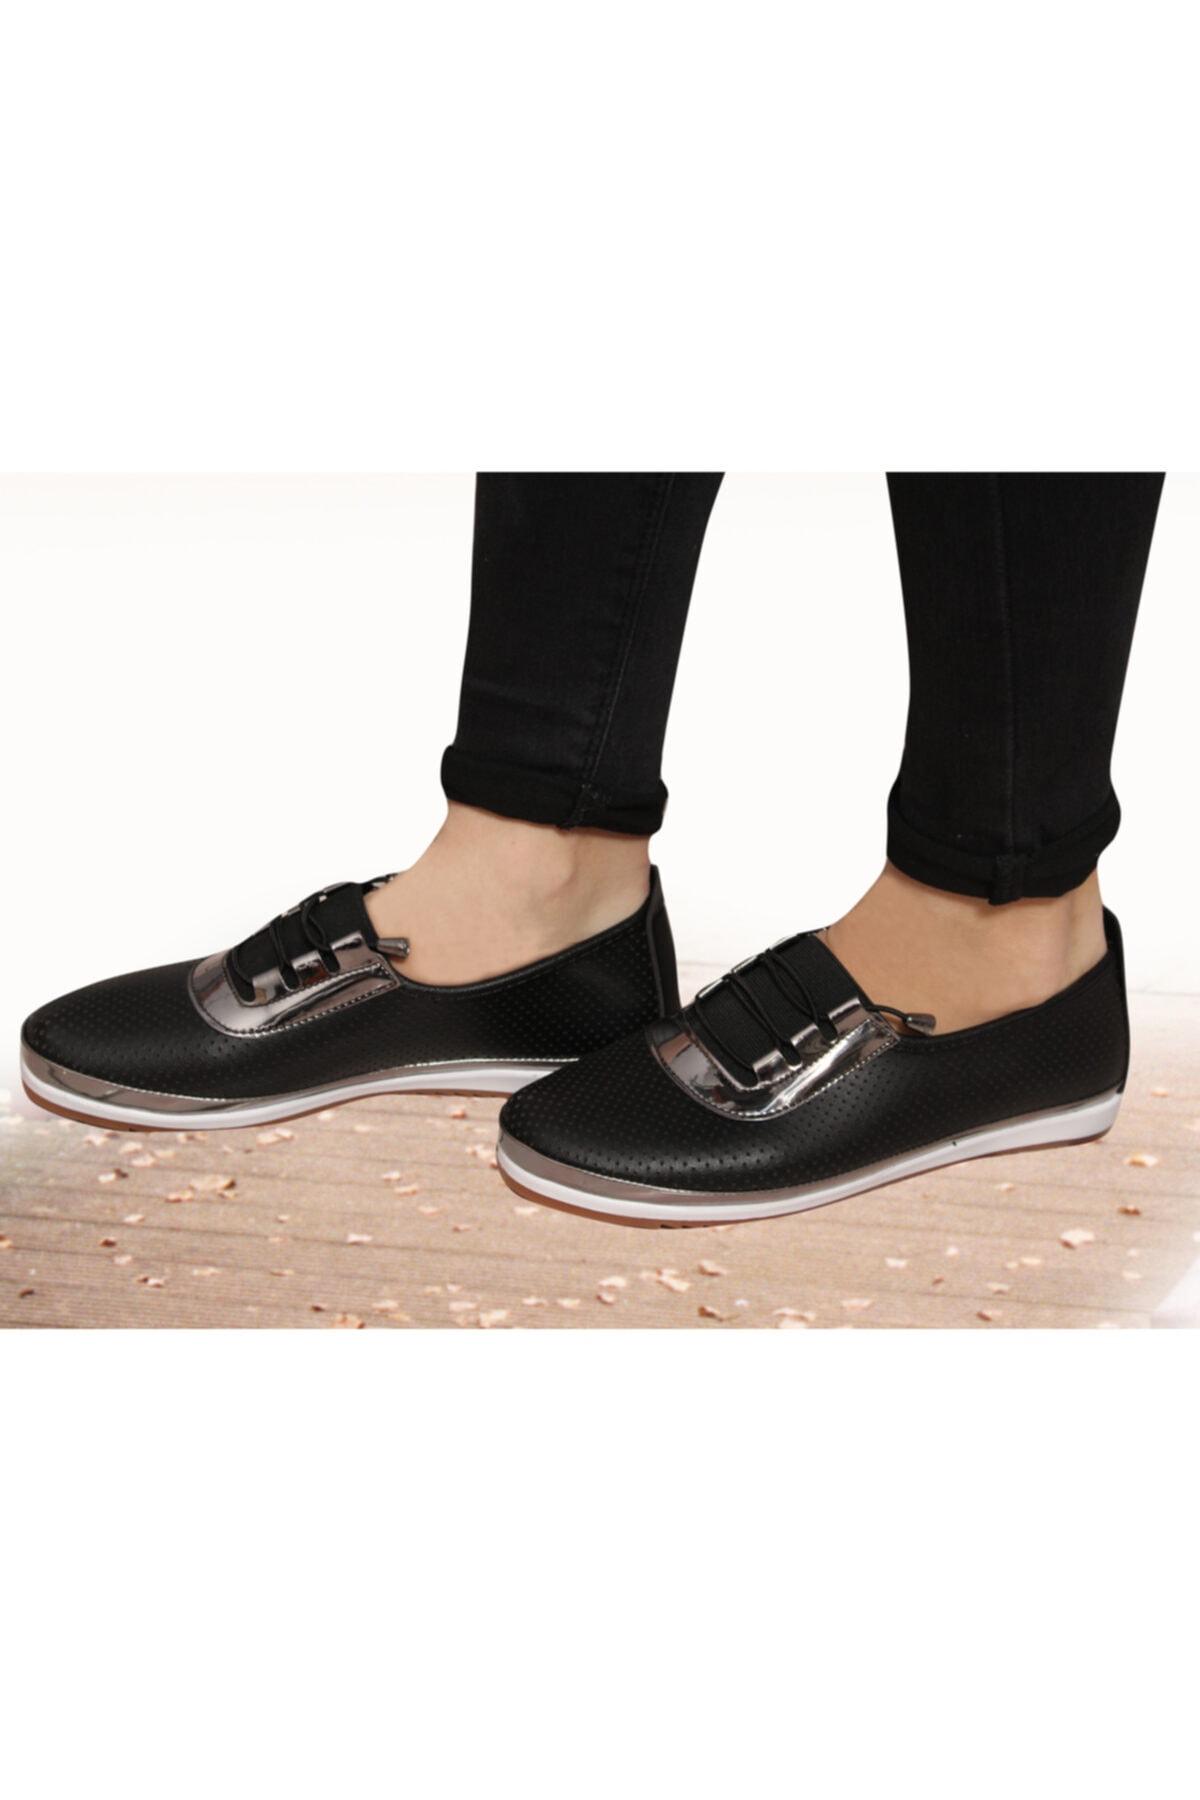 Witty Kadın Siyah Günlük Babet Ortapedik Ayakkabı 2